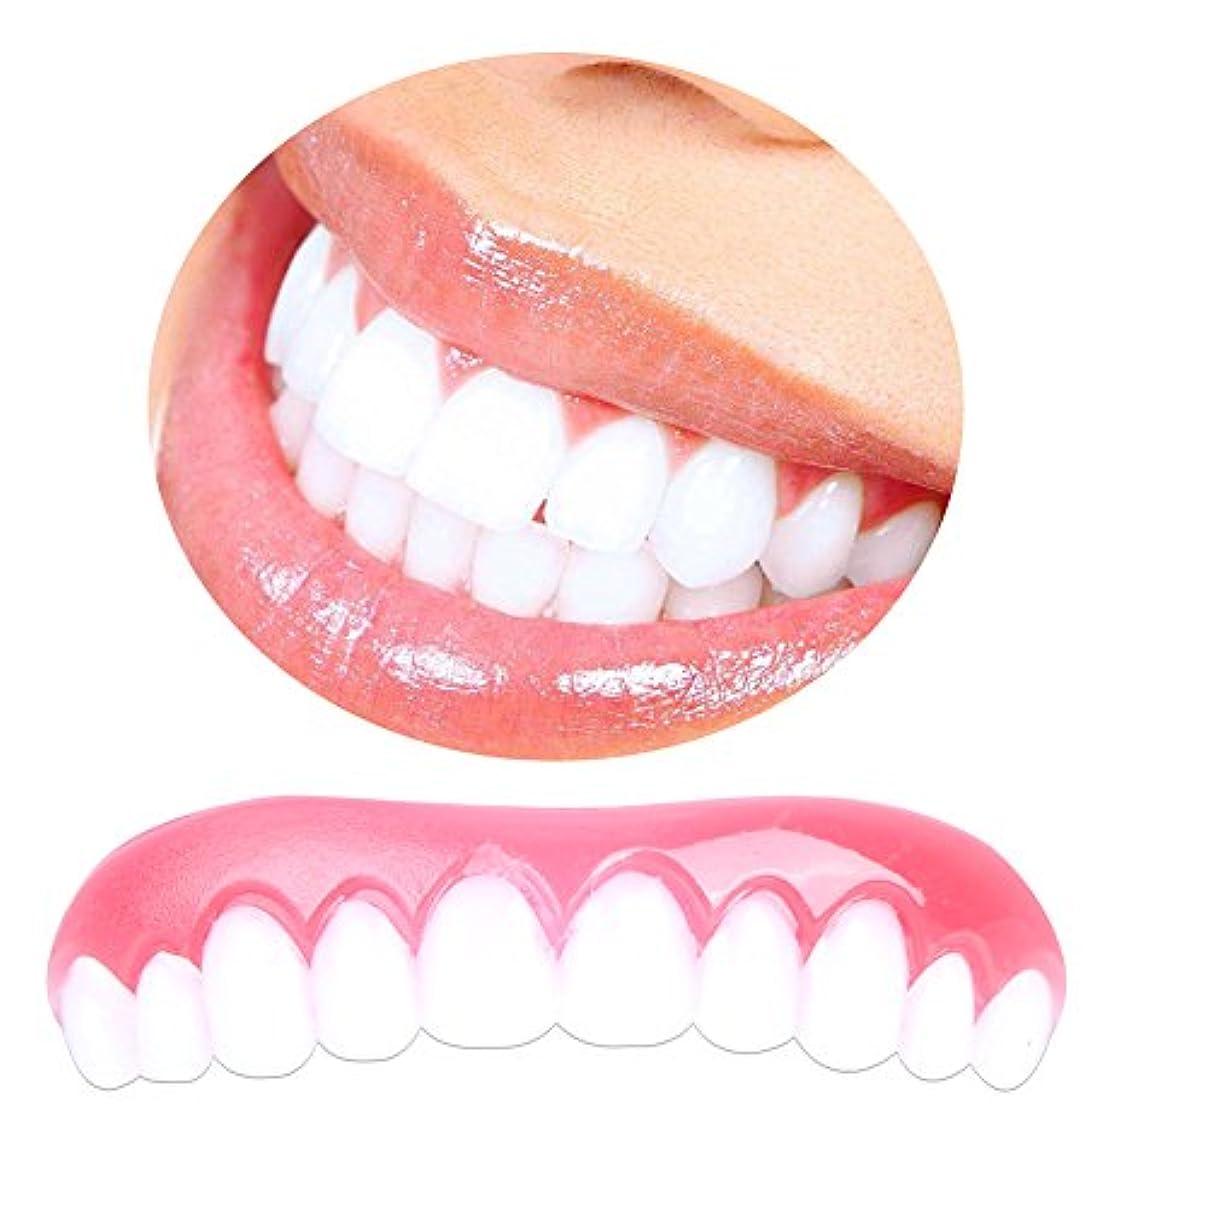 ハブ壁紙スペクトラムコンフォートフィットフレックス化粧品歯パーフェクトスマイルベニアダブの歯の矯正用ダブ歯用ホワイトパーフェクトスマイルベニア歯のホワイトニング-2個